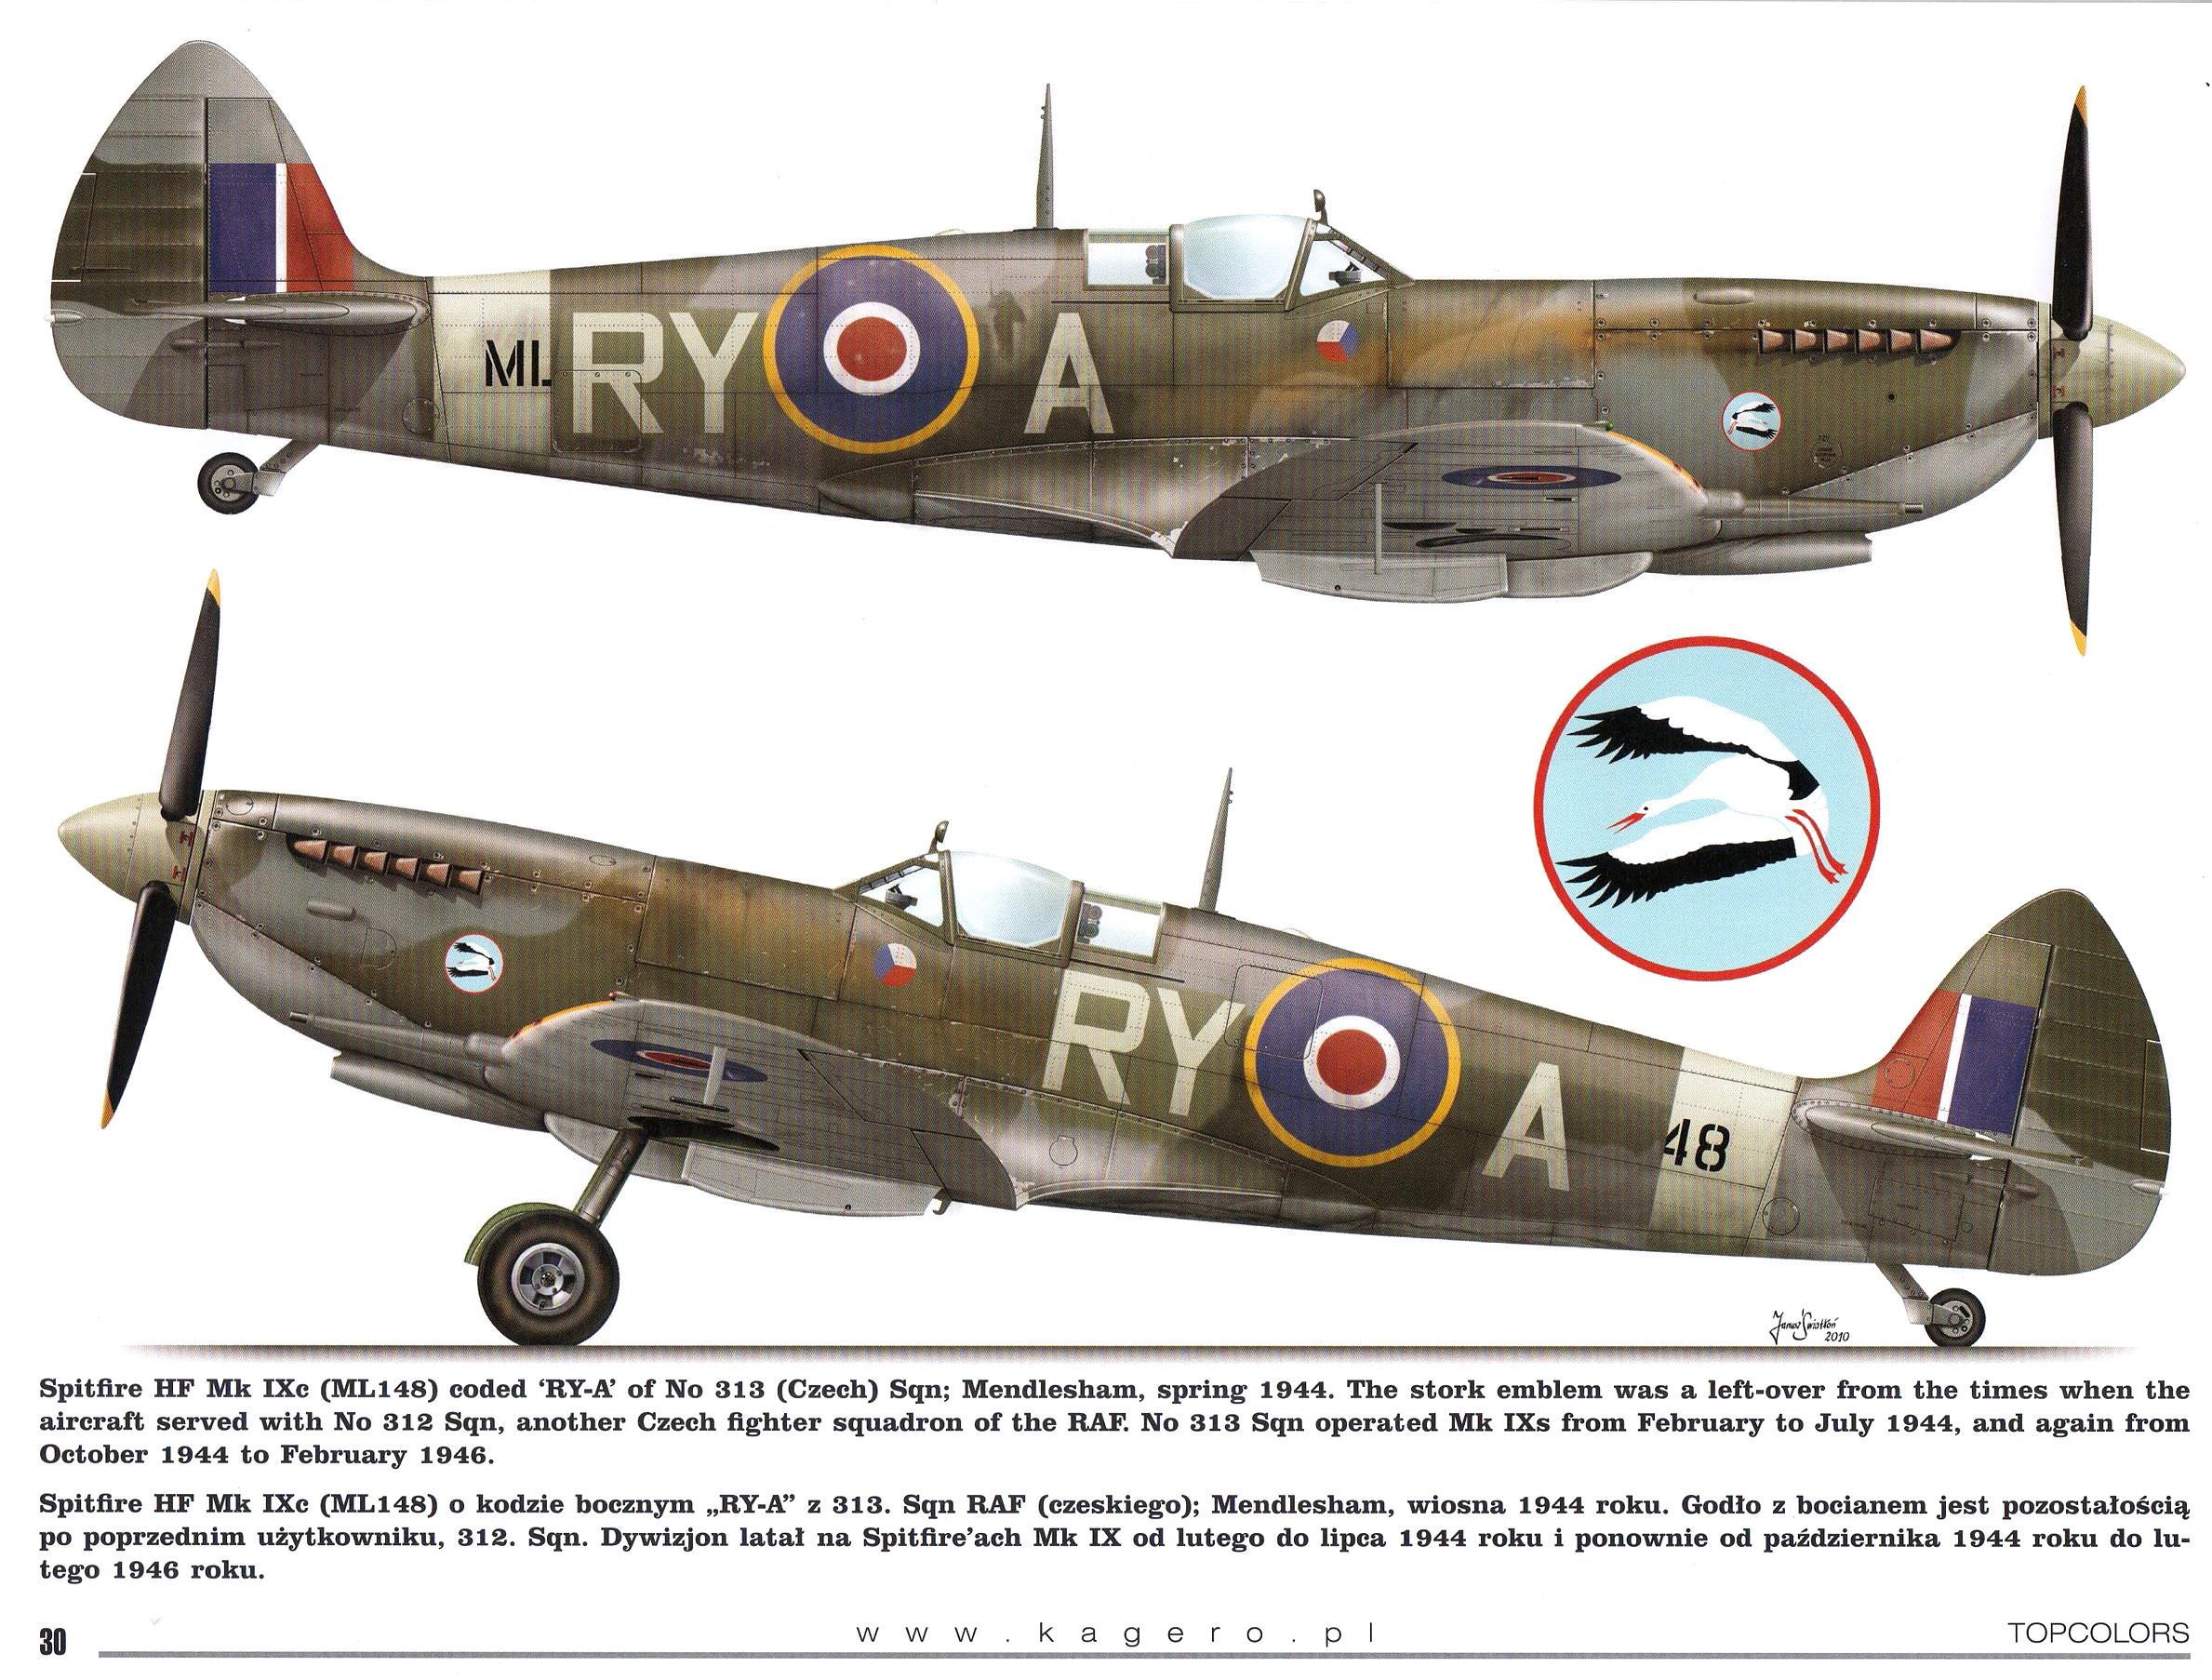 Spitfire HFIXc RAF 313Sqn Czech RYA ML148 TC15015 Supermarine Spitfire MkIX Page 26